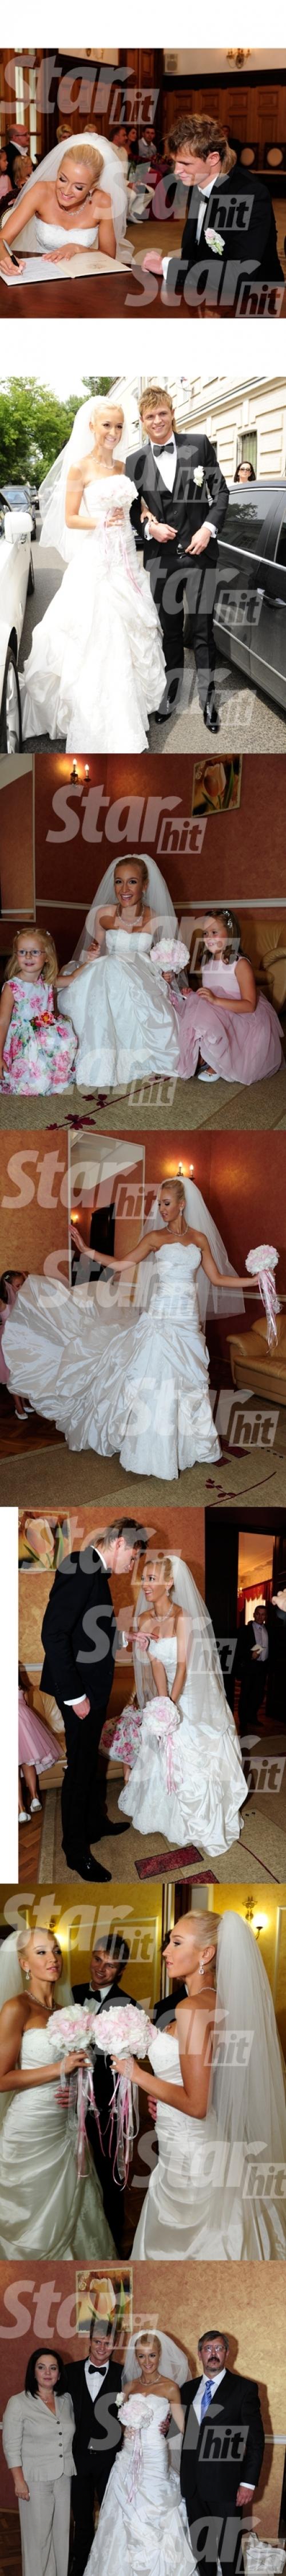 Бузова ольга с мужем фото свадьба